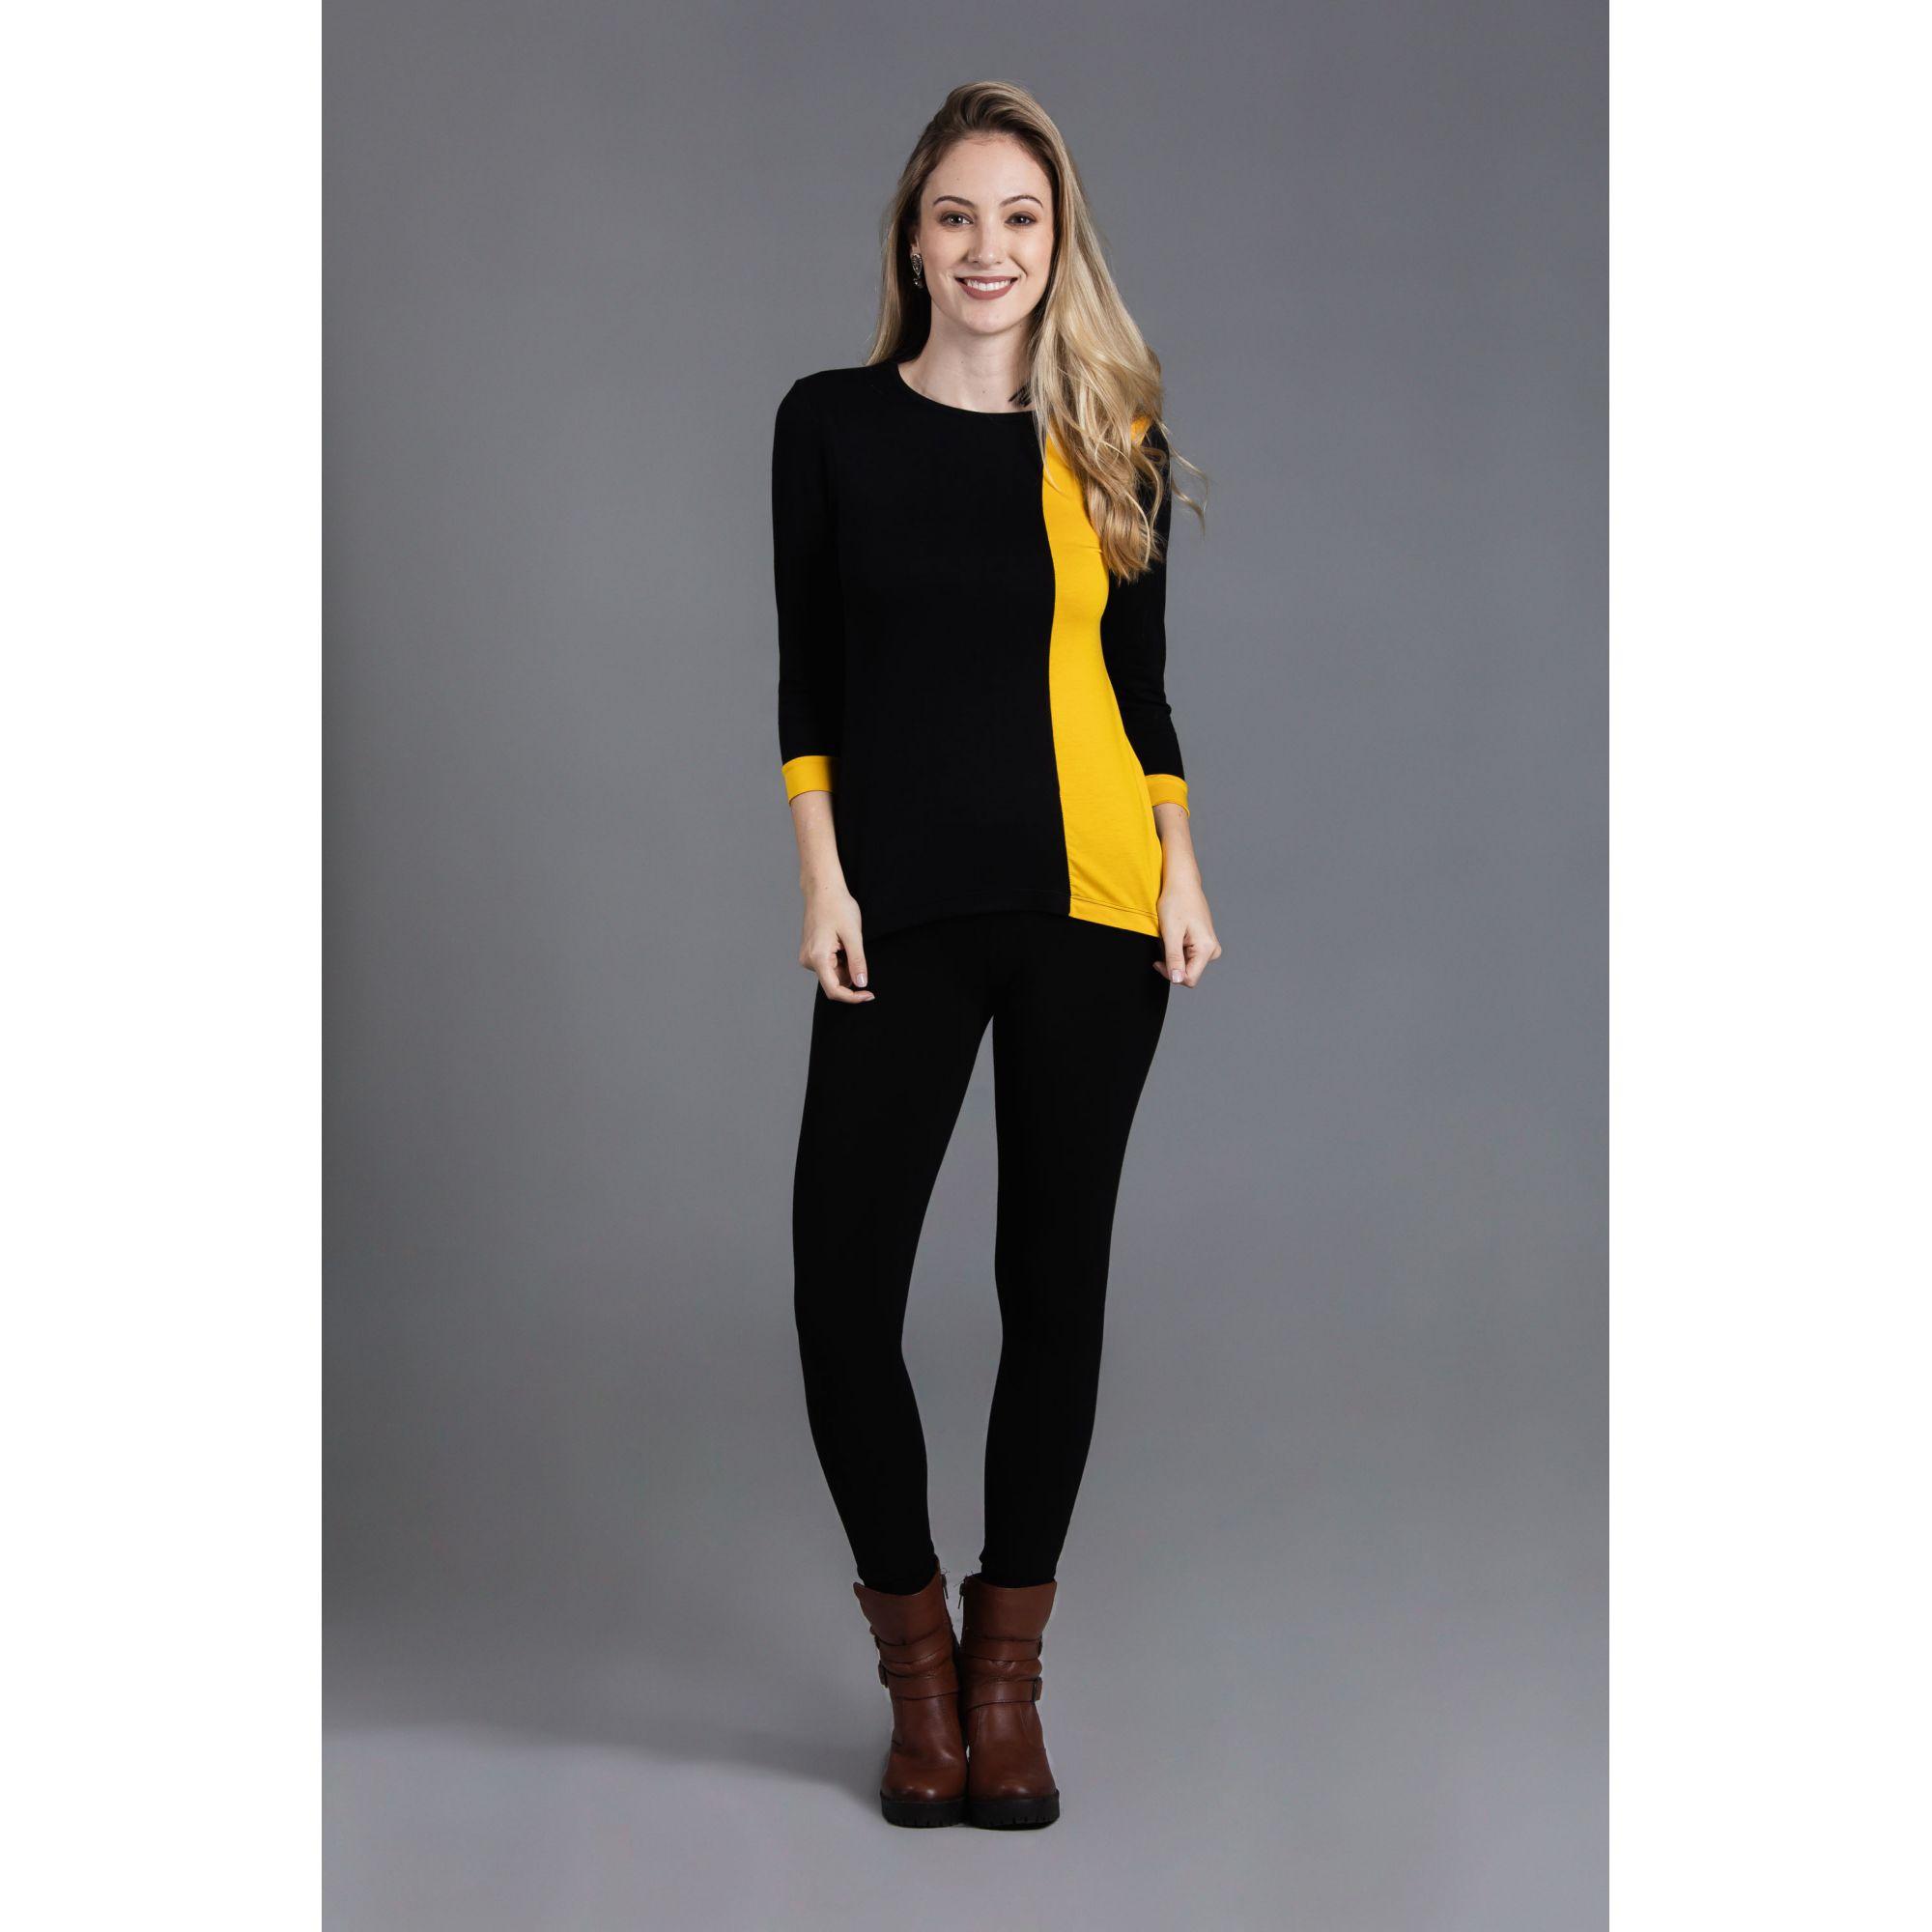 Blusa Faixa Vertical Plus Size